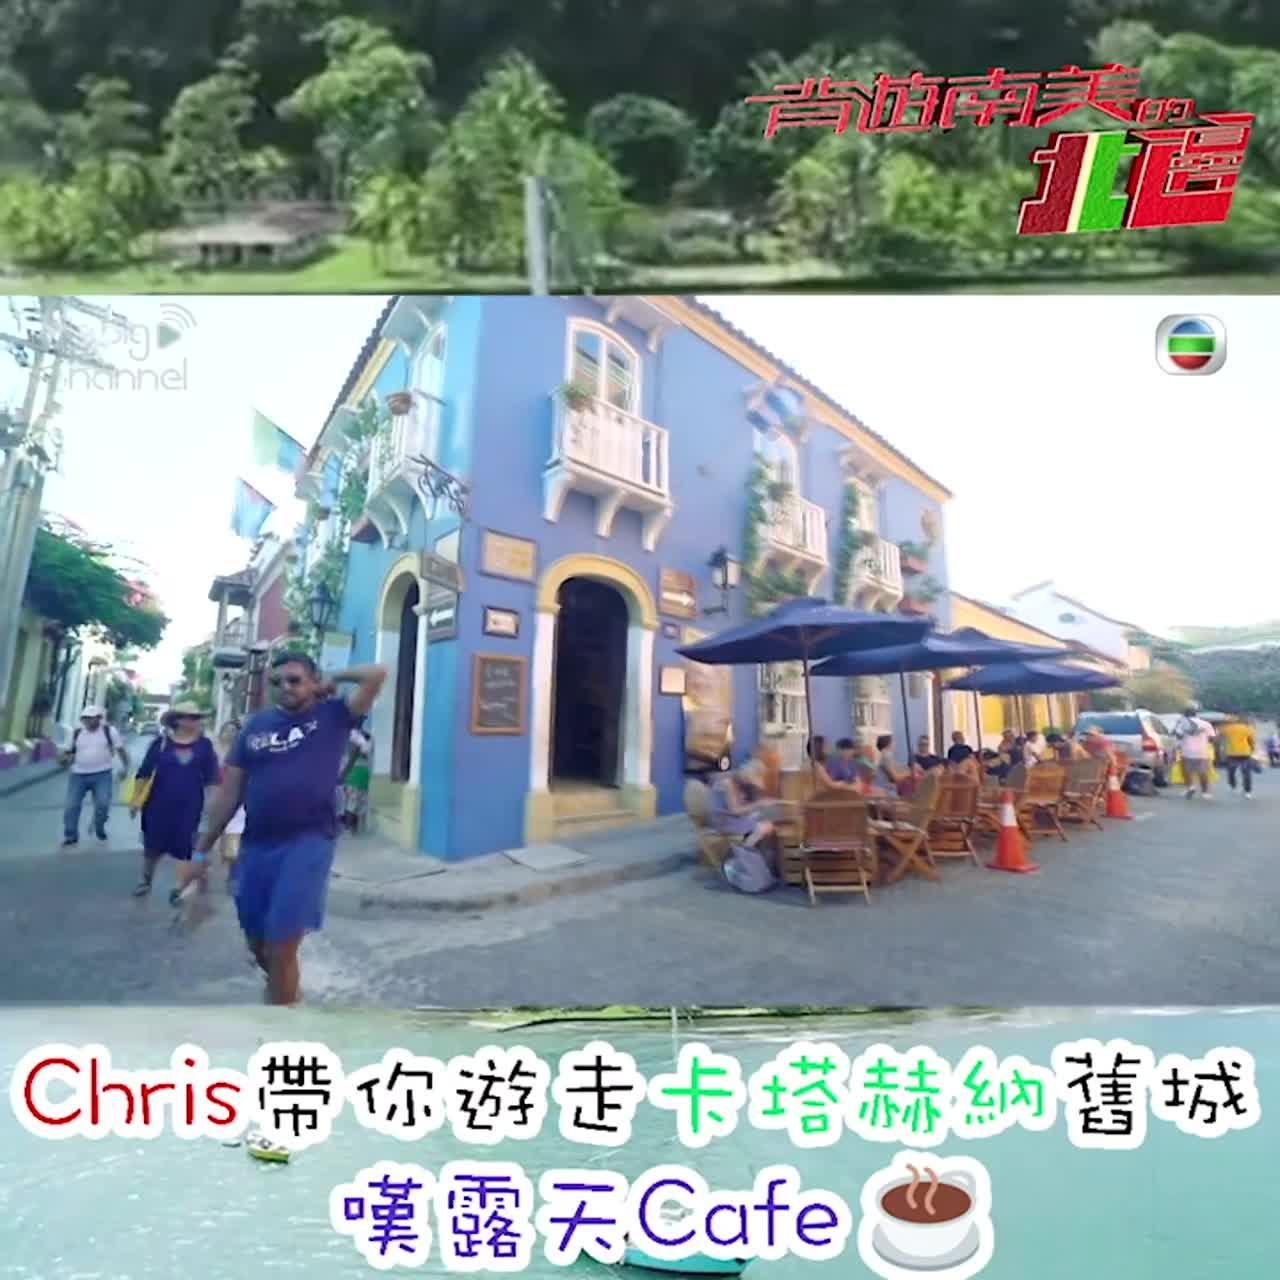 【背遊南美的北邊】遊走卡塔赫納舊城 嘆露天Cafe